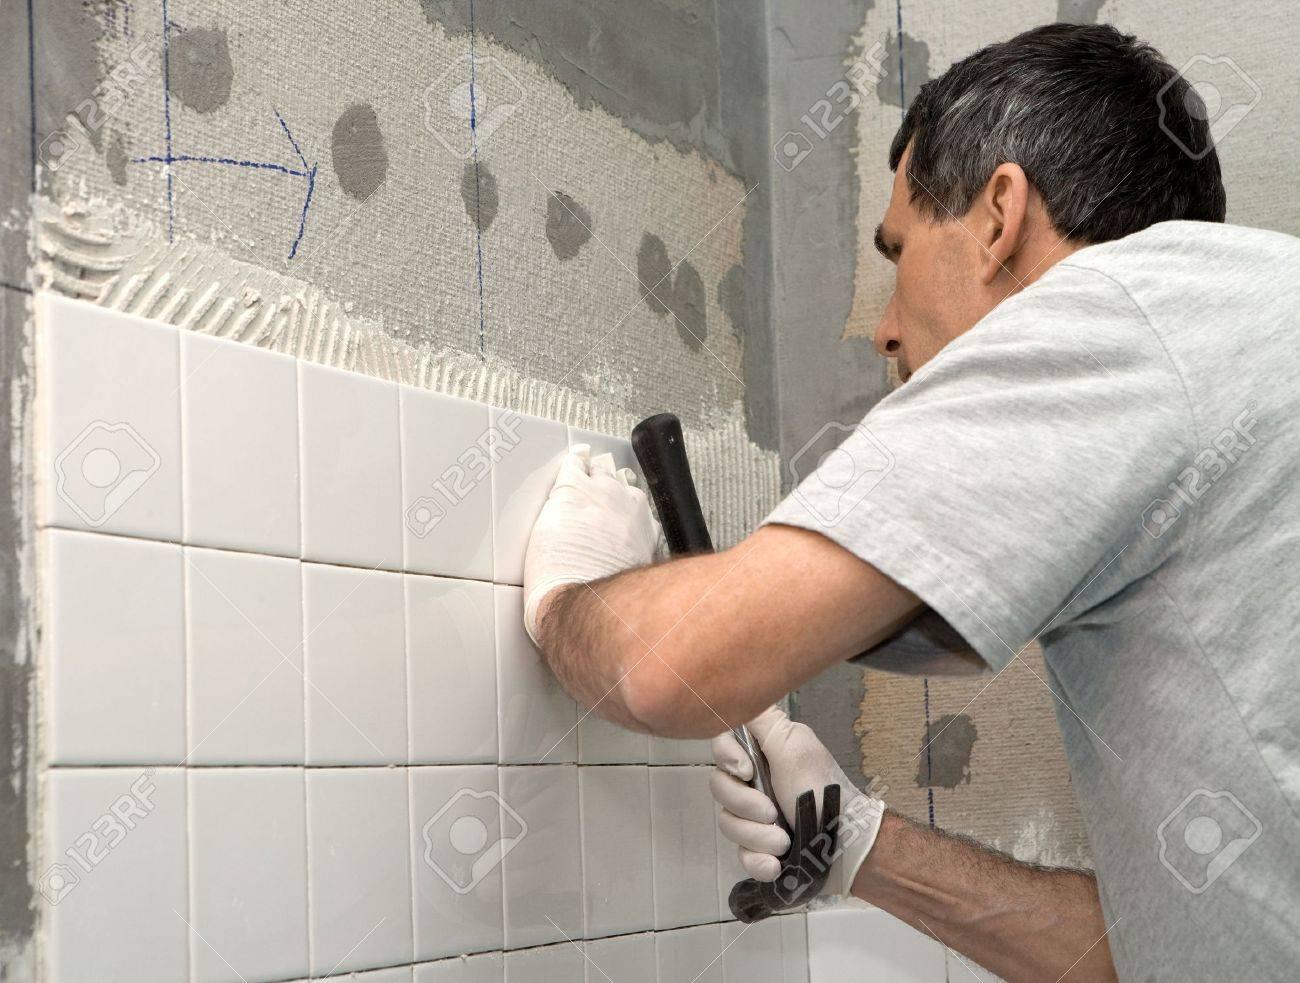 Uomo di impostazione delle mattonelle a bordo di cemento egli è